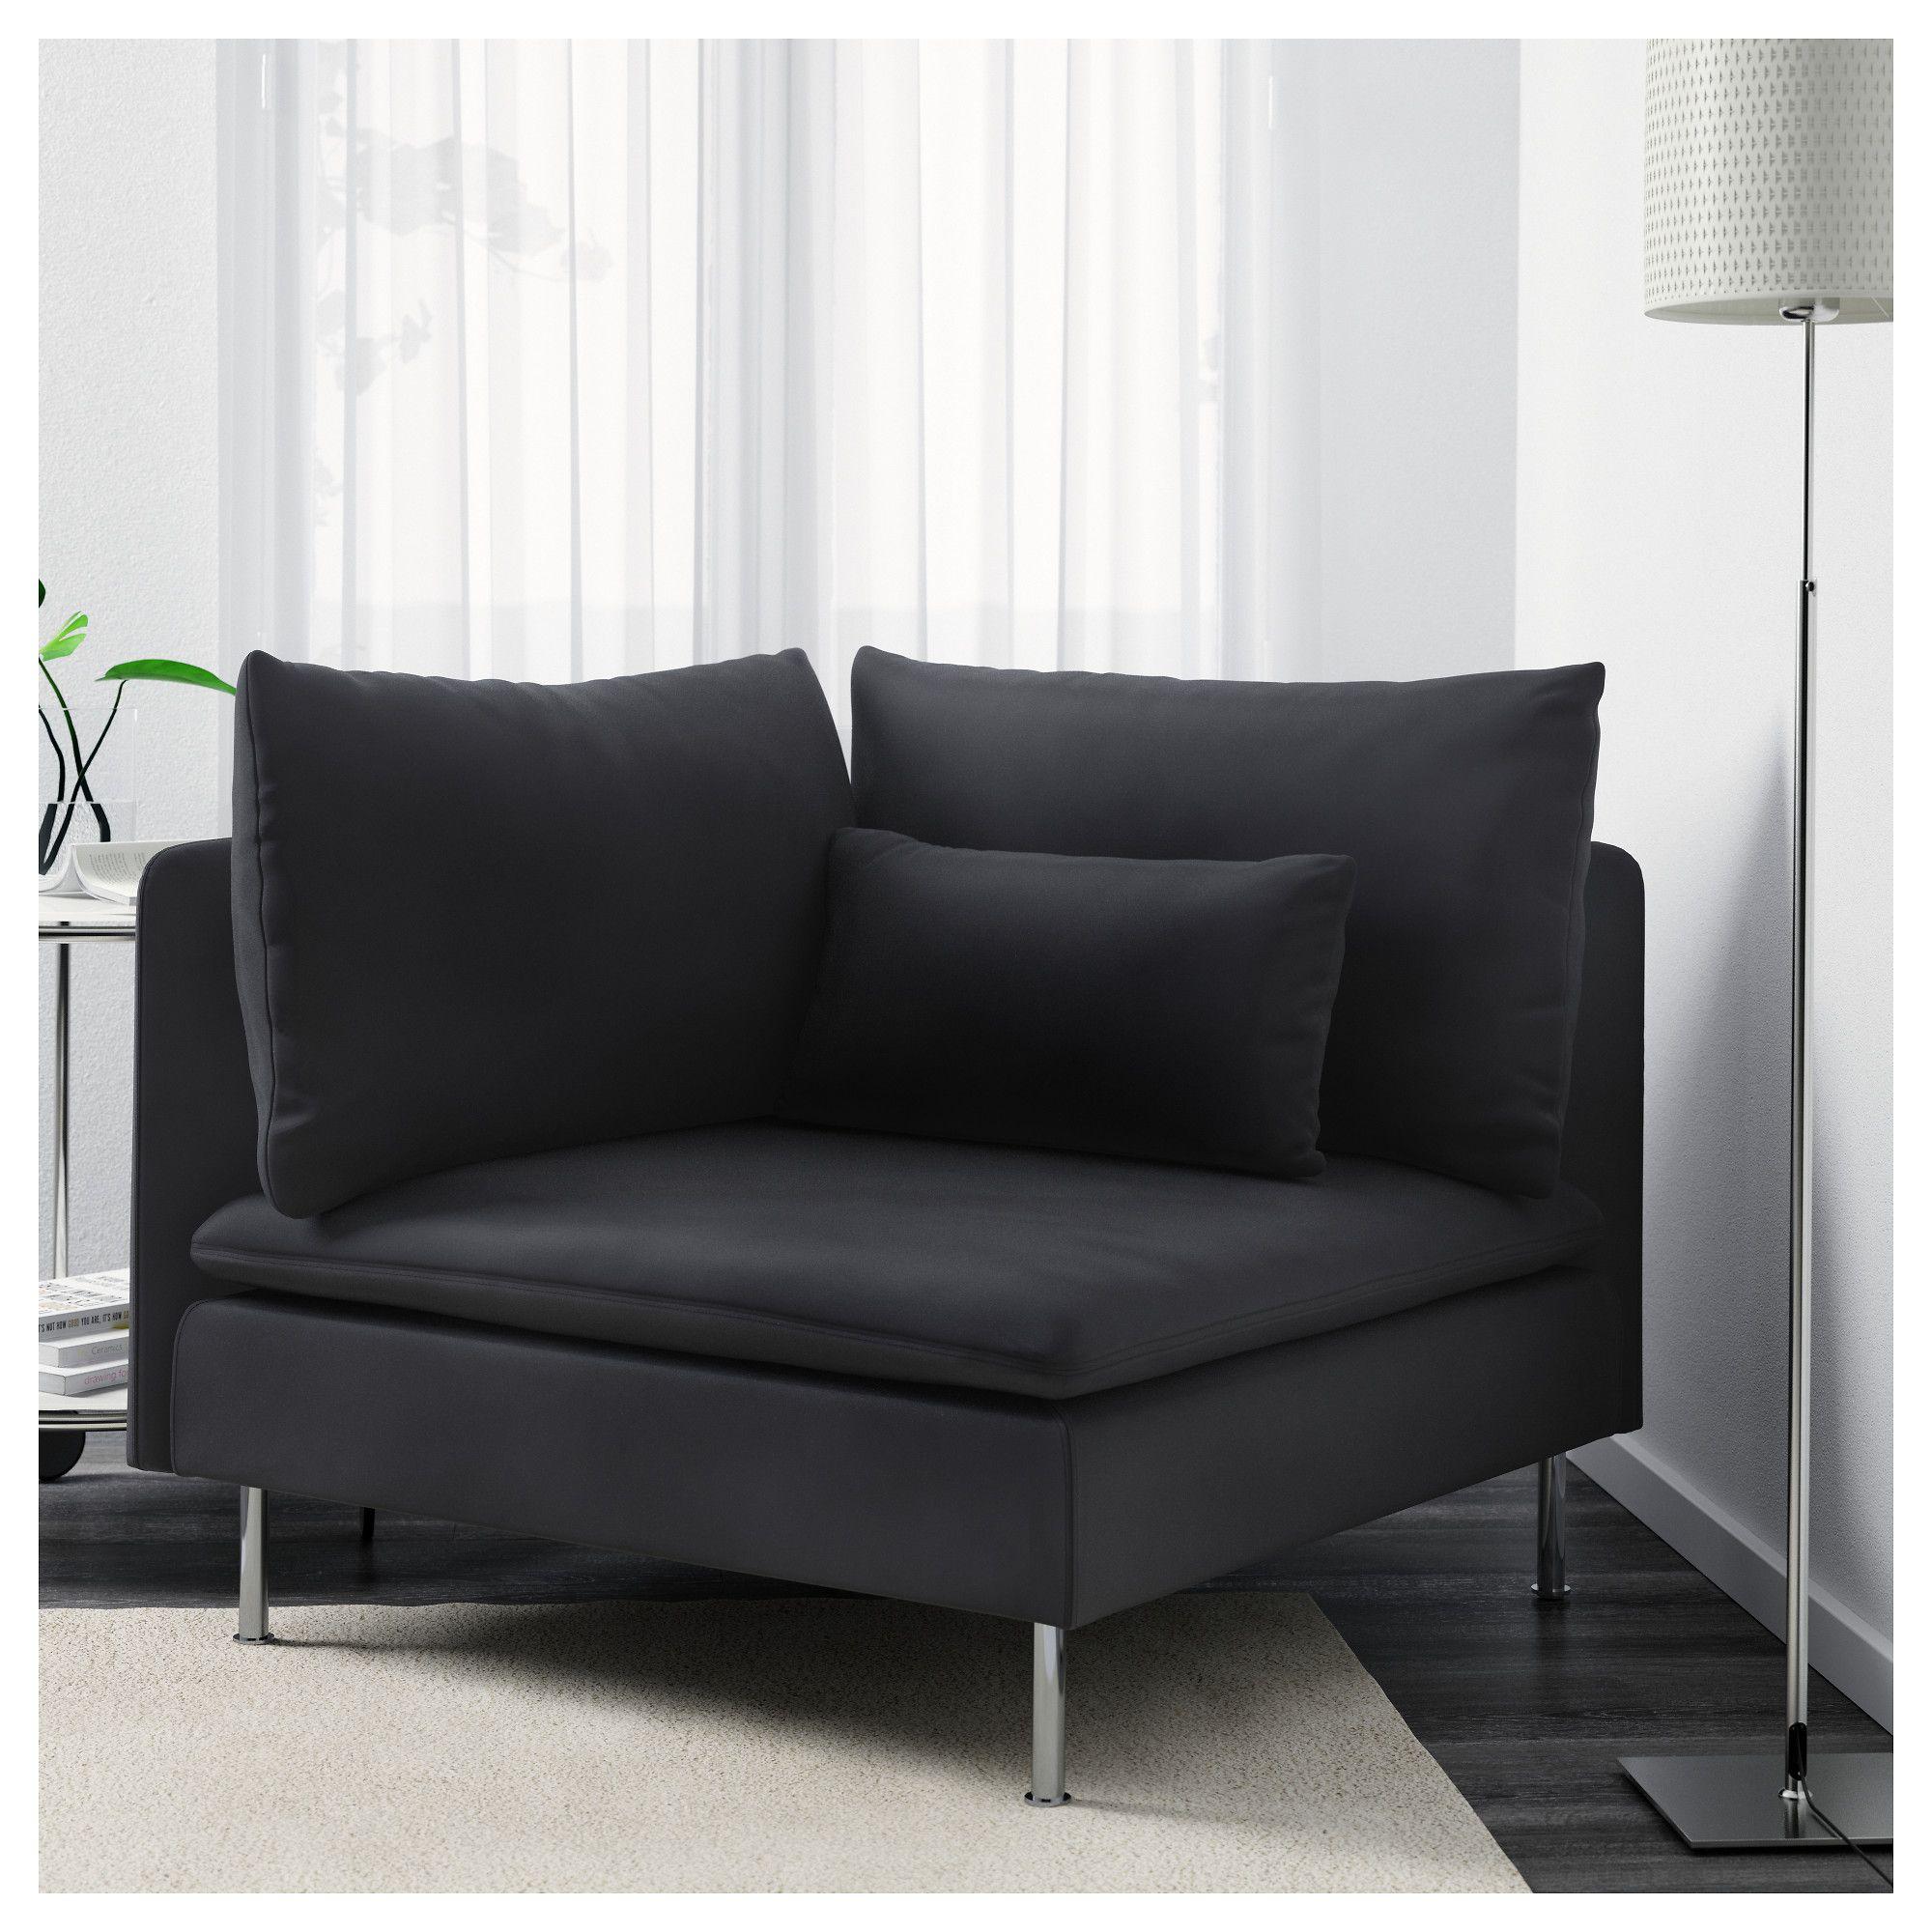 ikea  sÖderhamn corner section samsta dark gray  bedroom